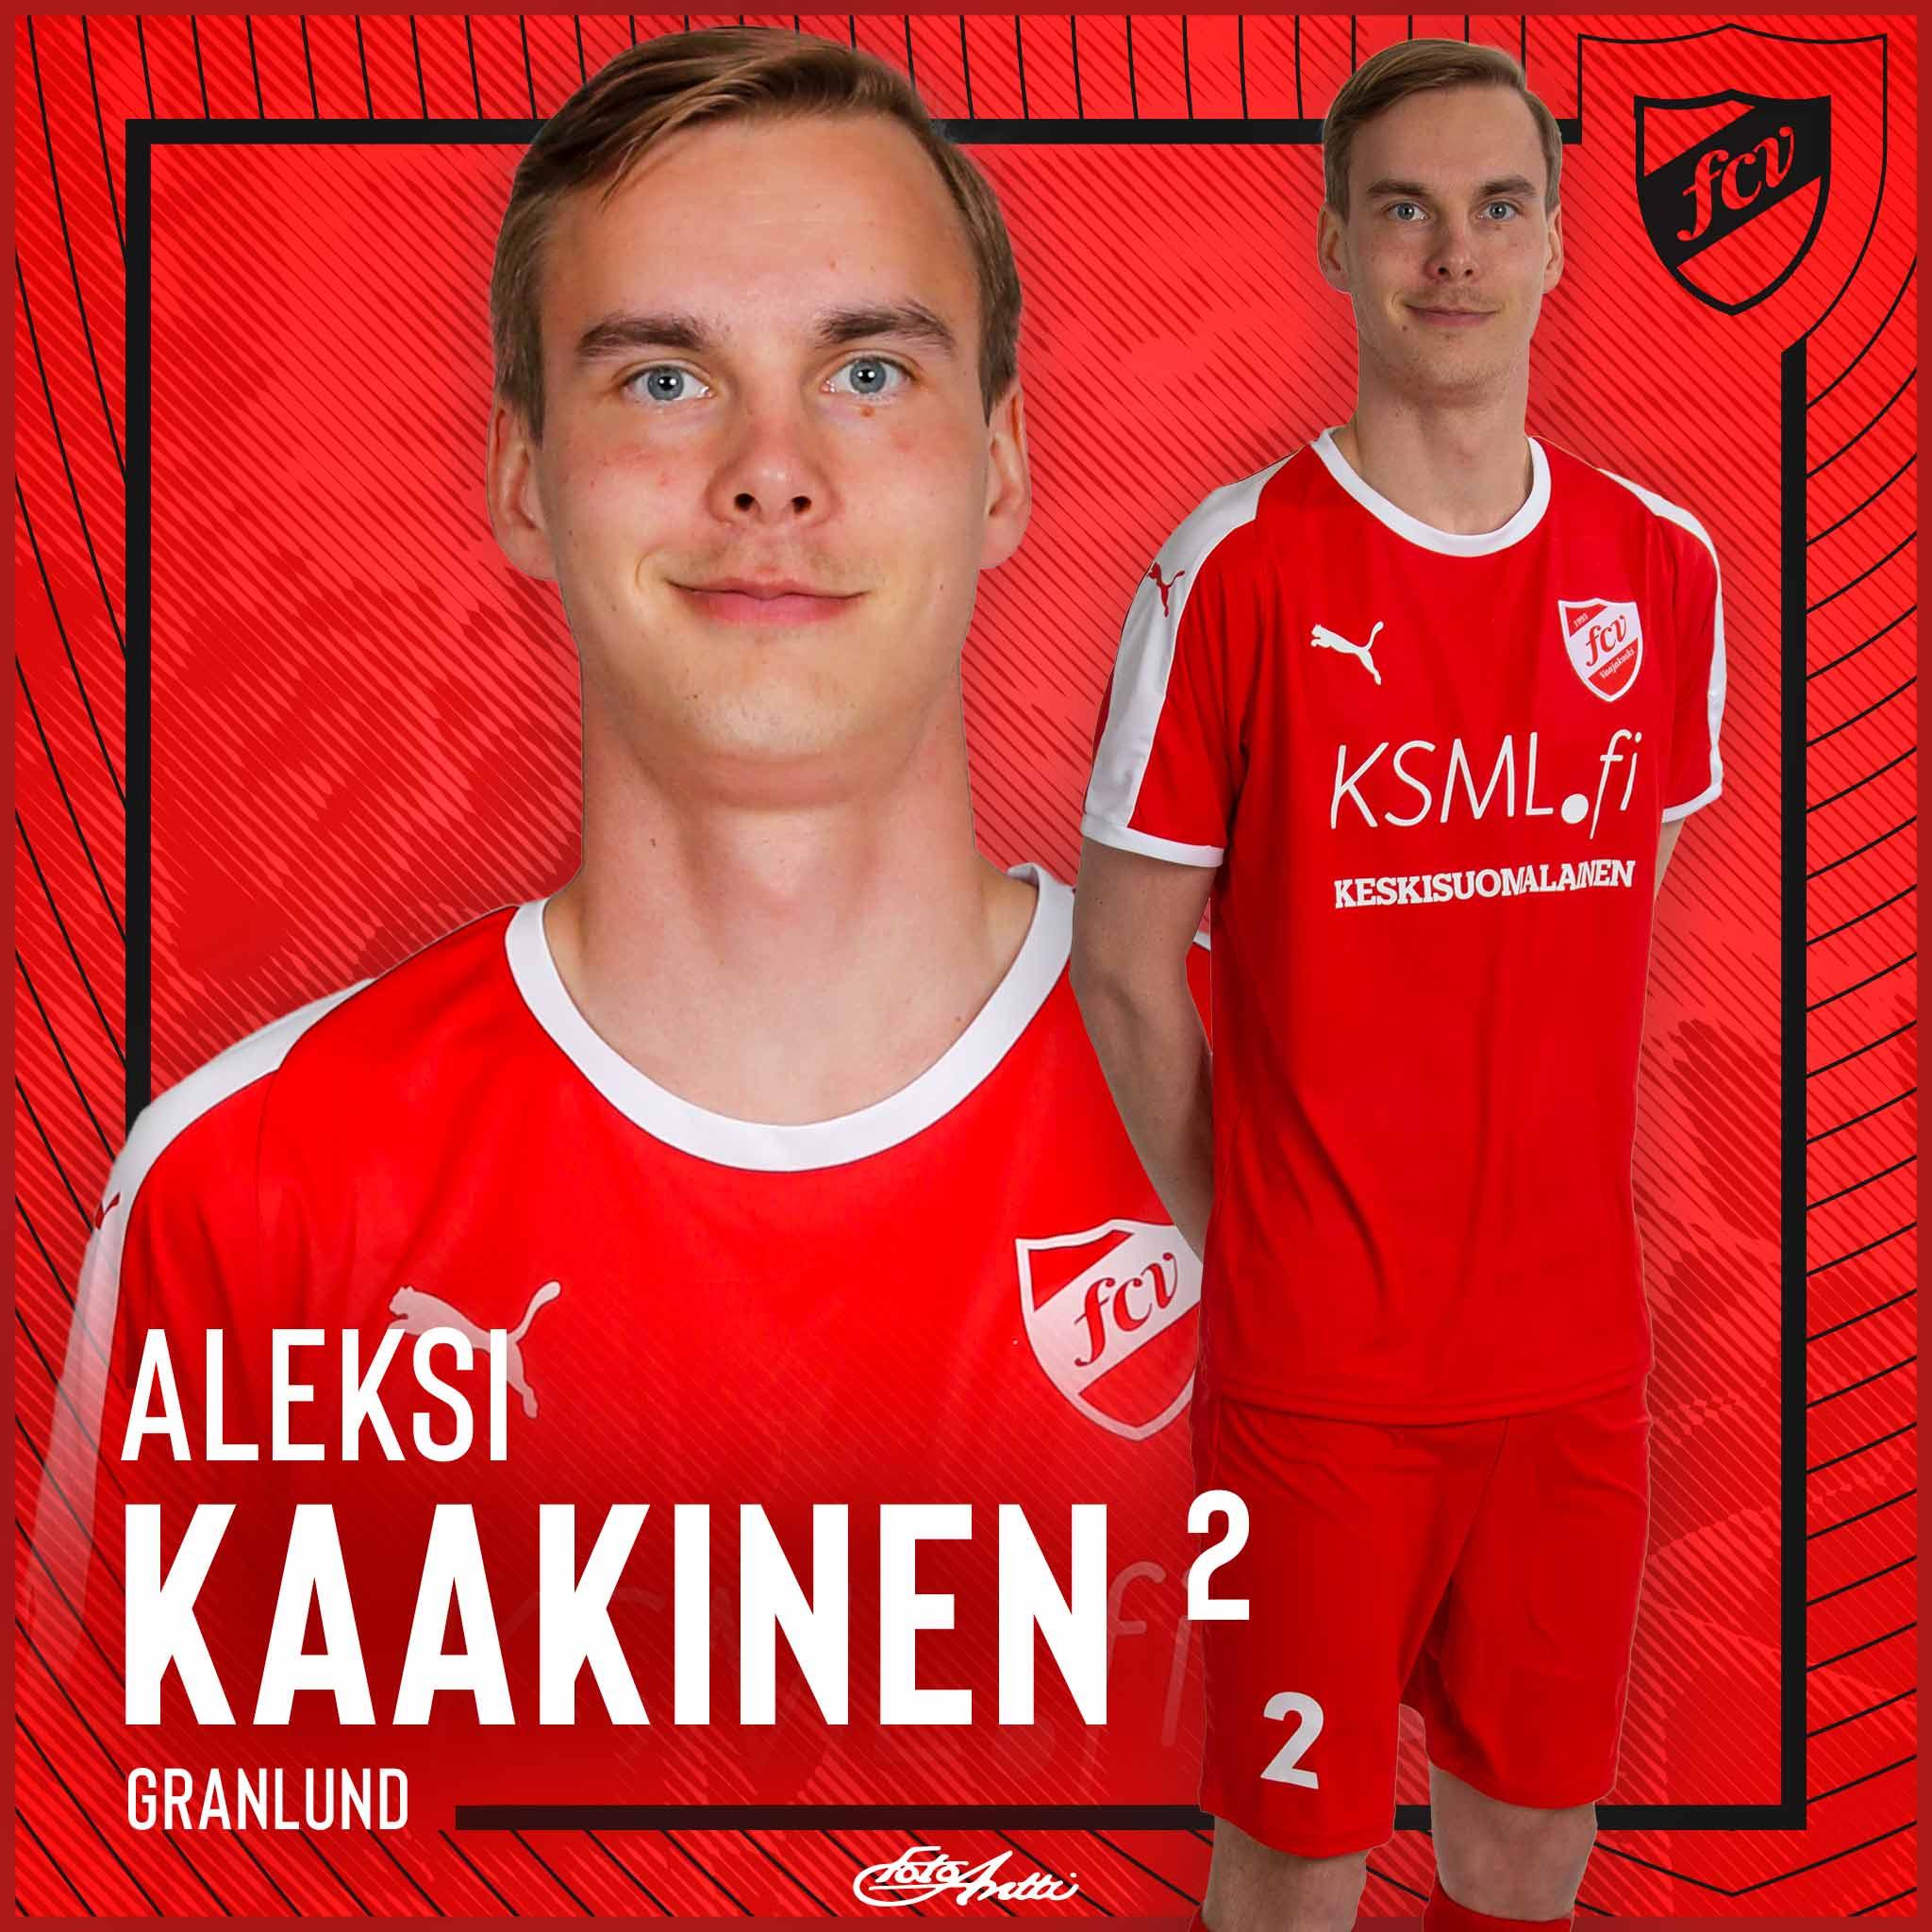 Aleksi Kaakinen